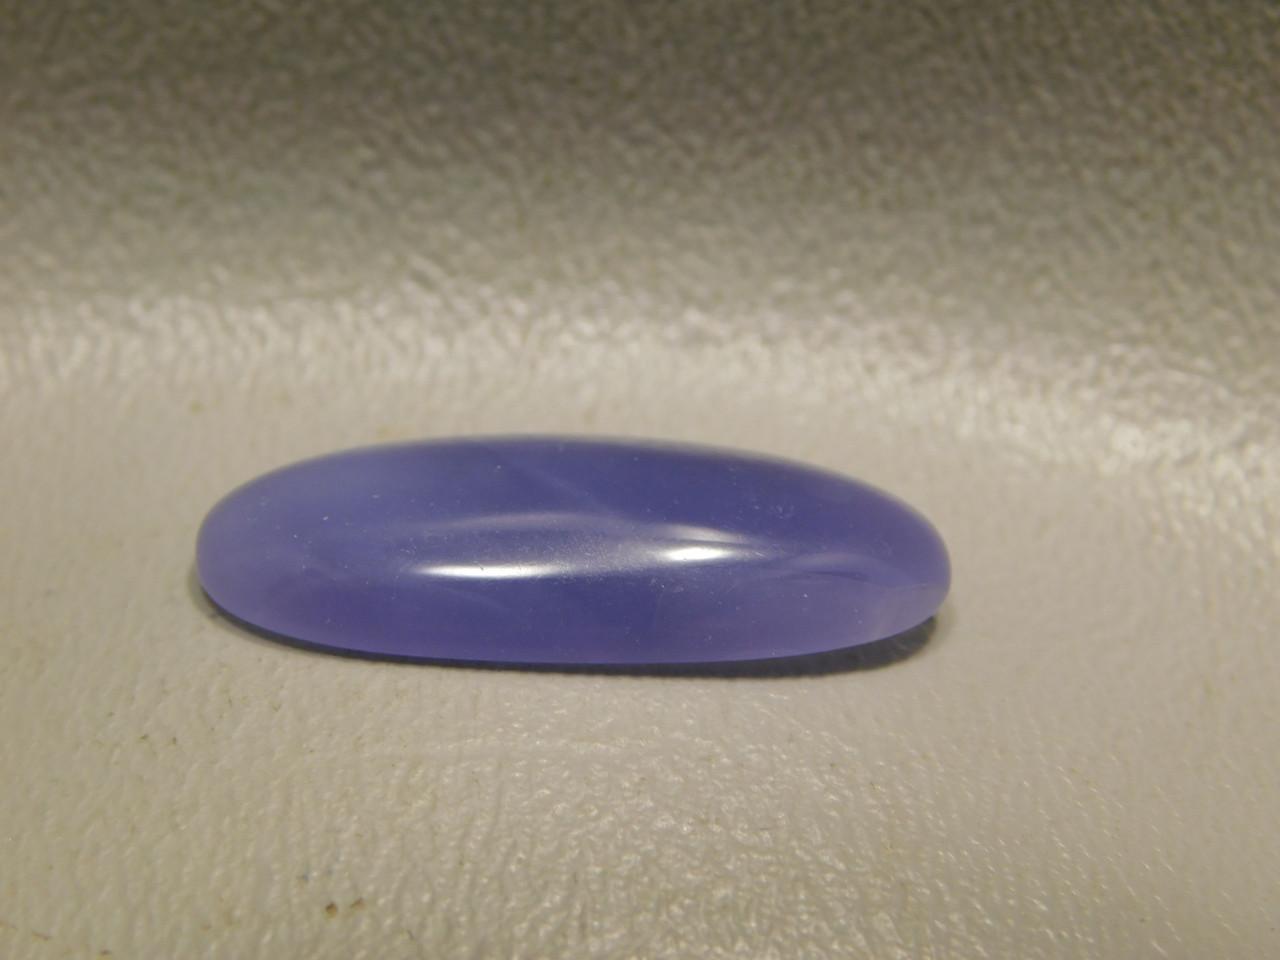 Lavender Fluorite Cabochon Thin Oval Semi Precious Gemstone #4